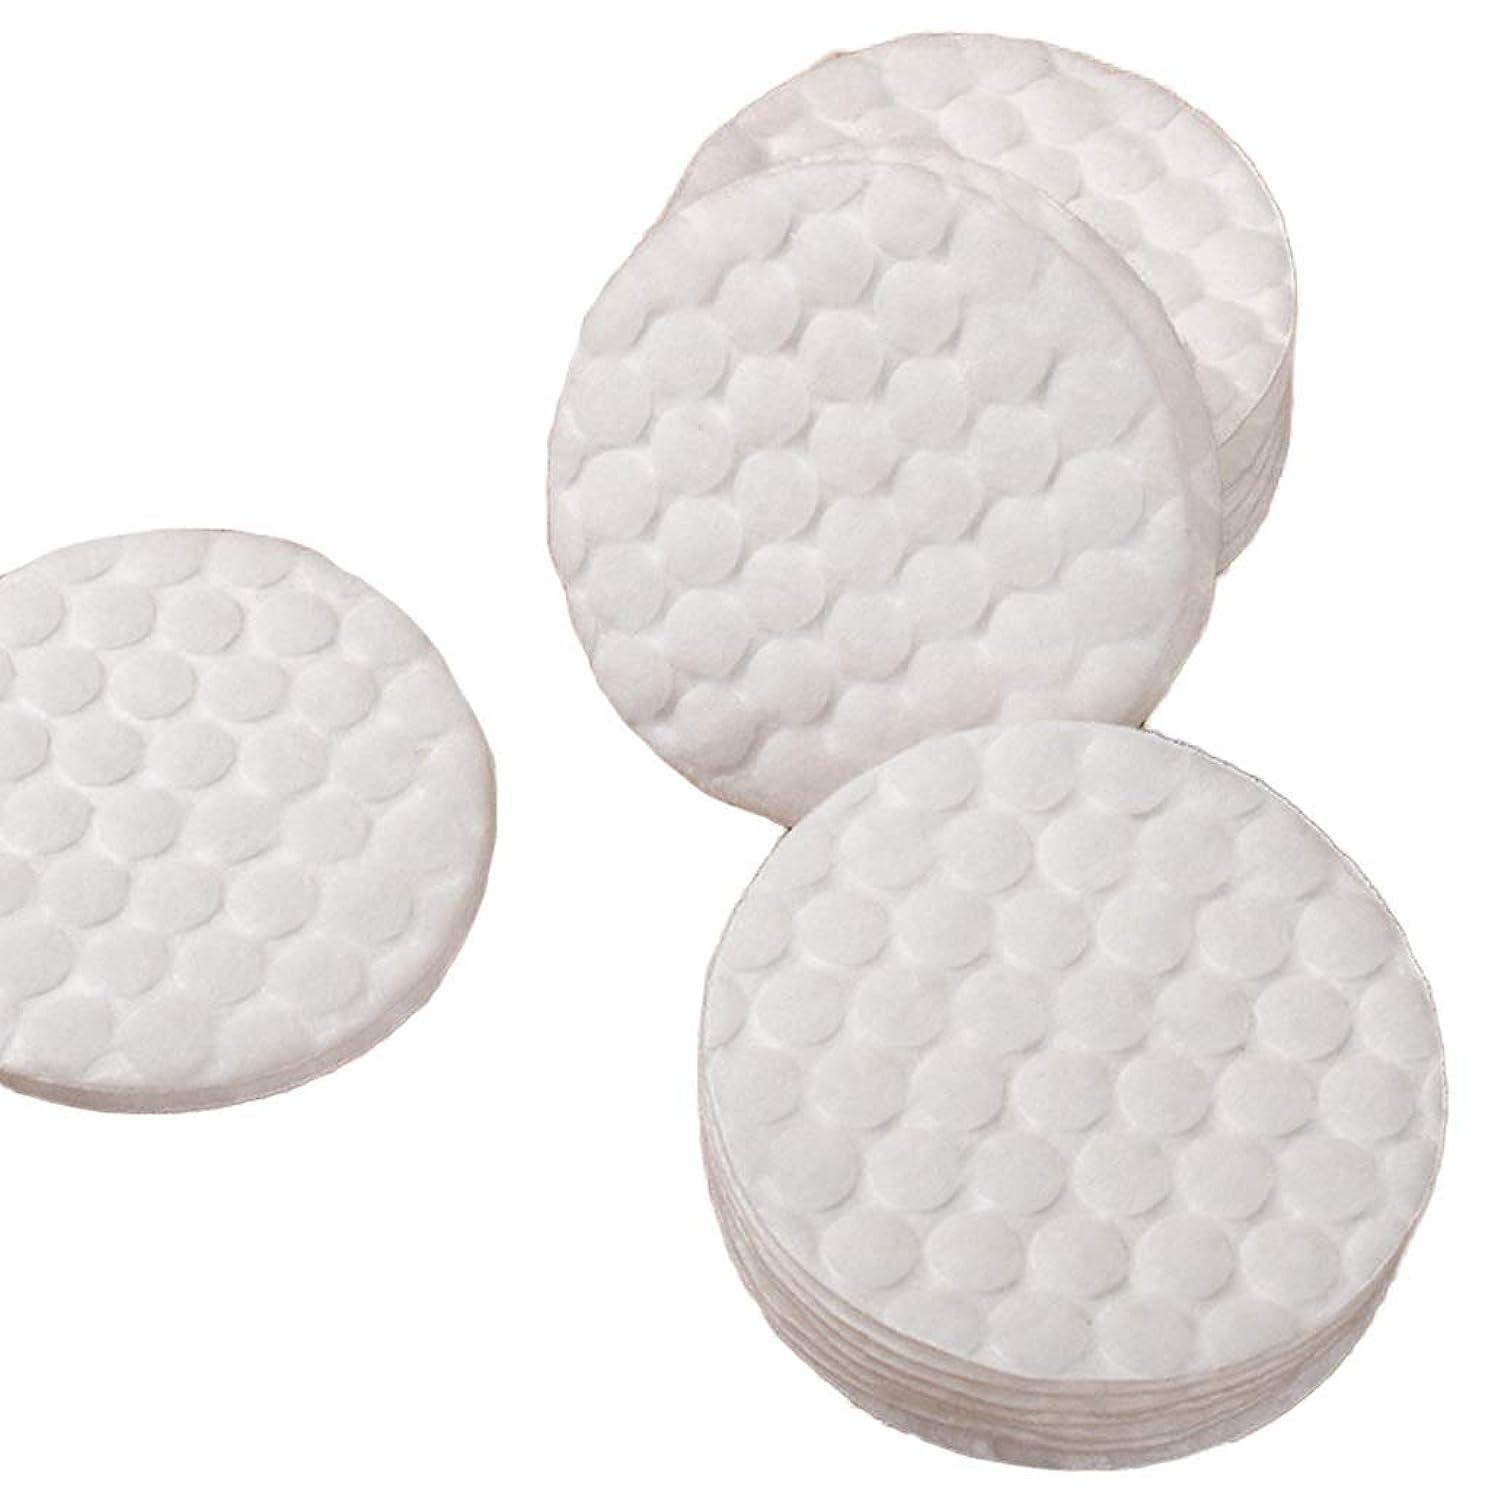 原告可能にする依存するクレンジングシート 60個/バッグメイク落としコットンパッド洗えるワイプクレンジングオイルスキンケアフェイシャルケアメイクアップ化粧品ワイプ (Color : White)